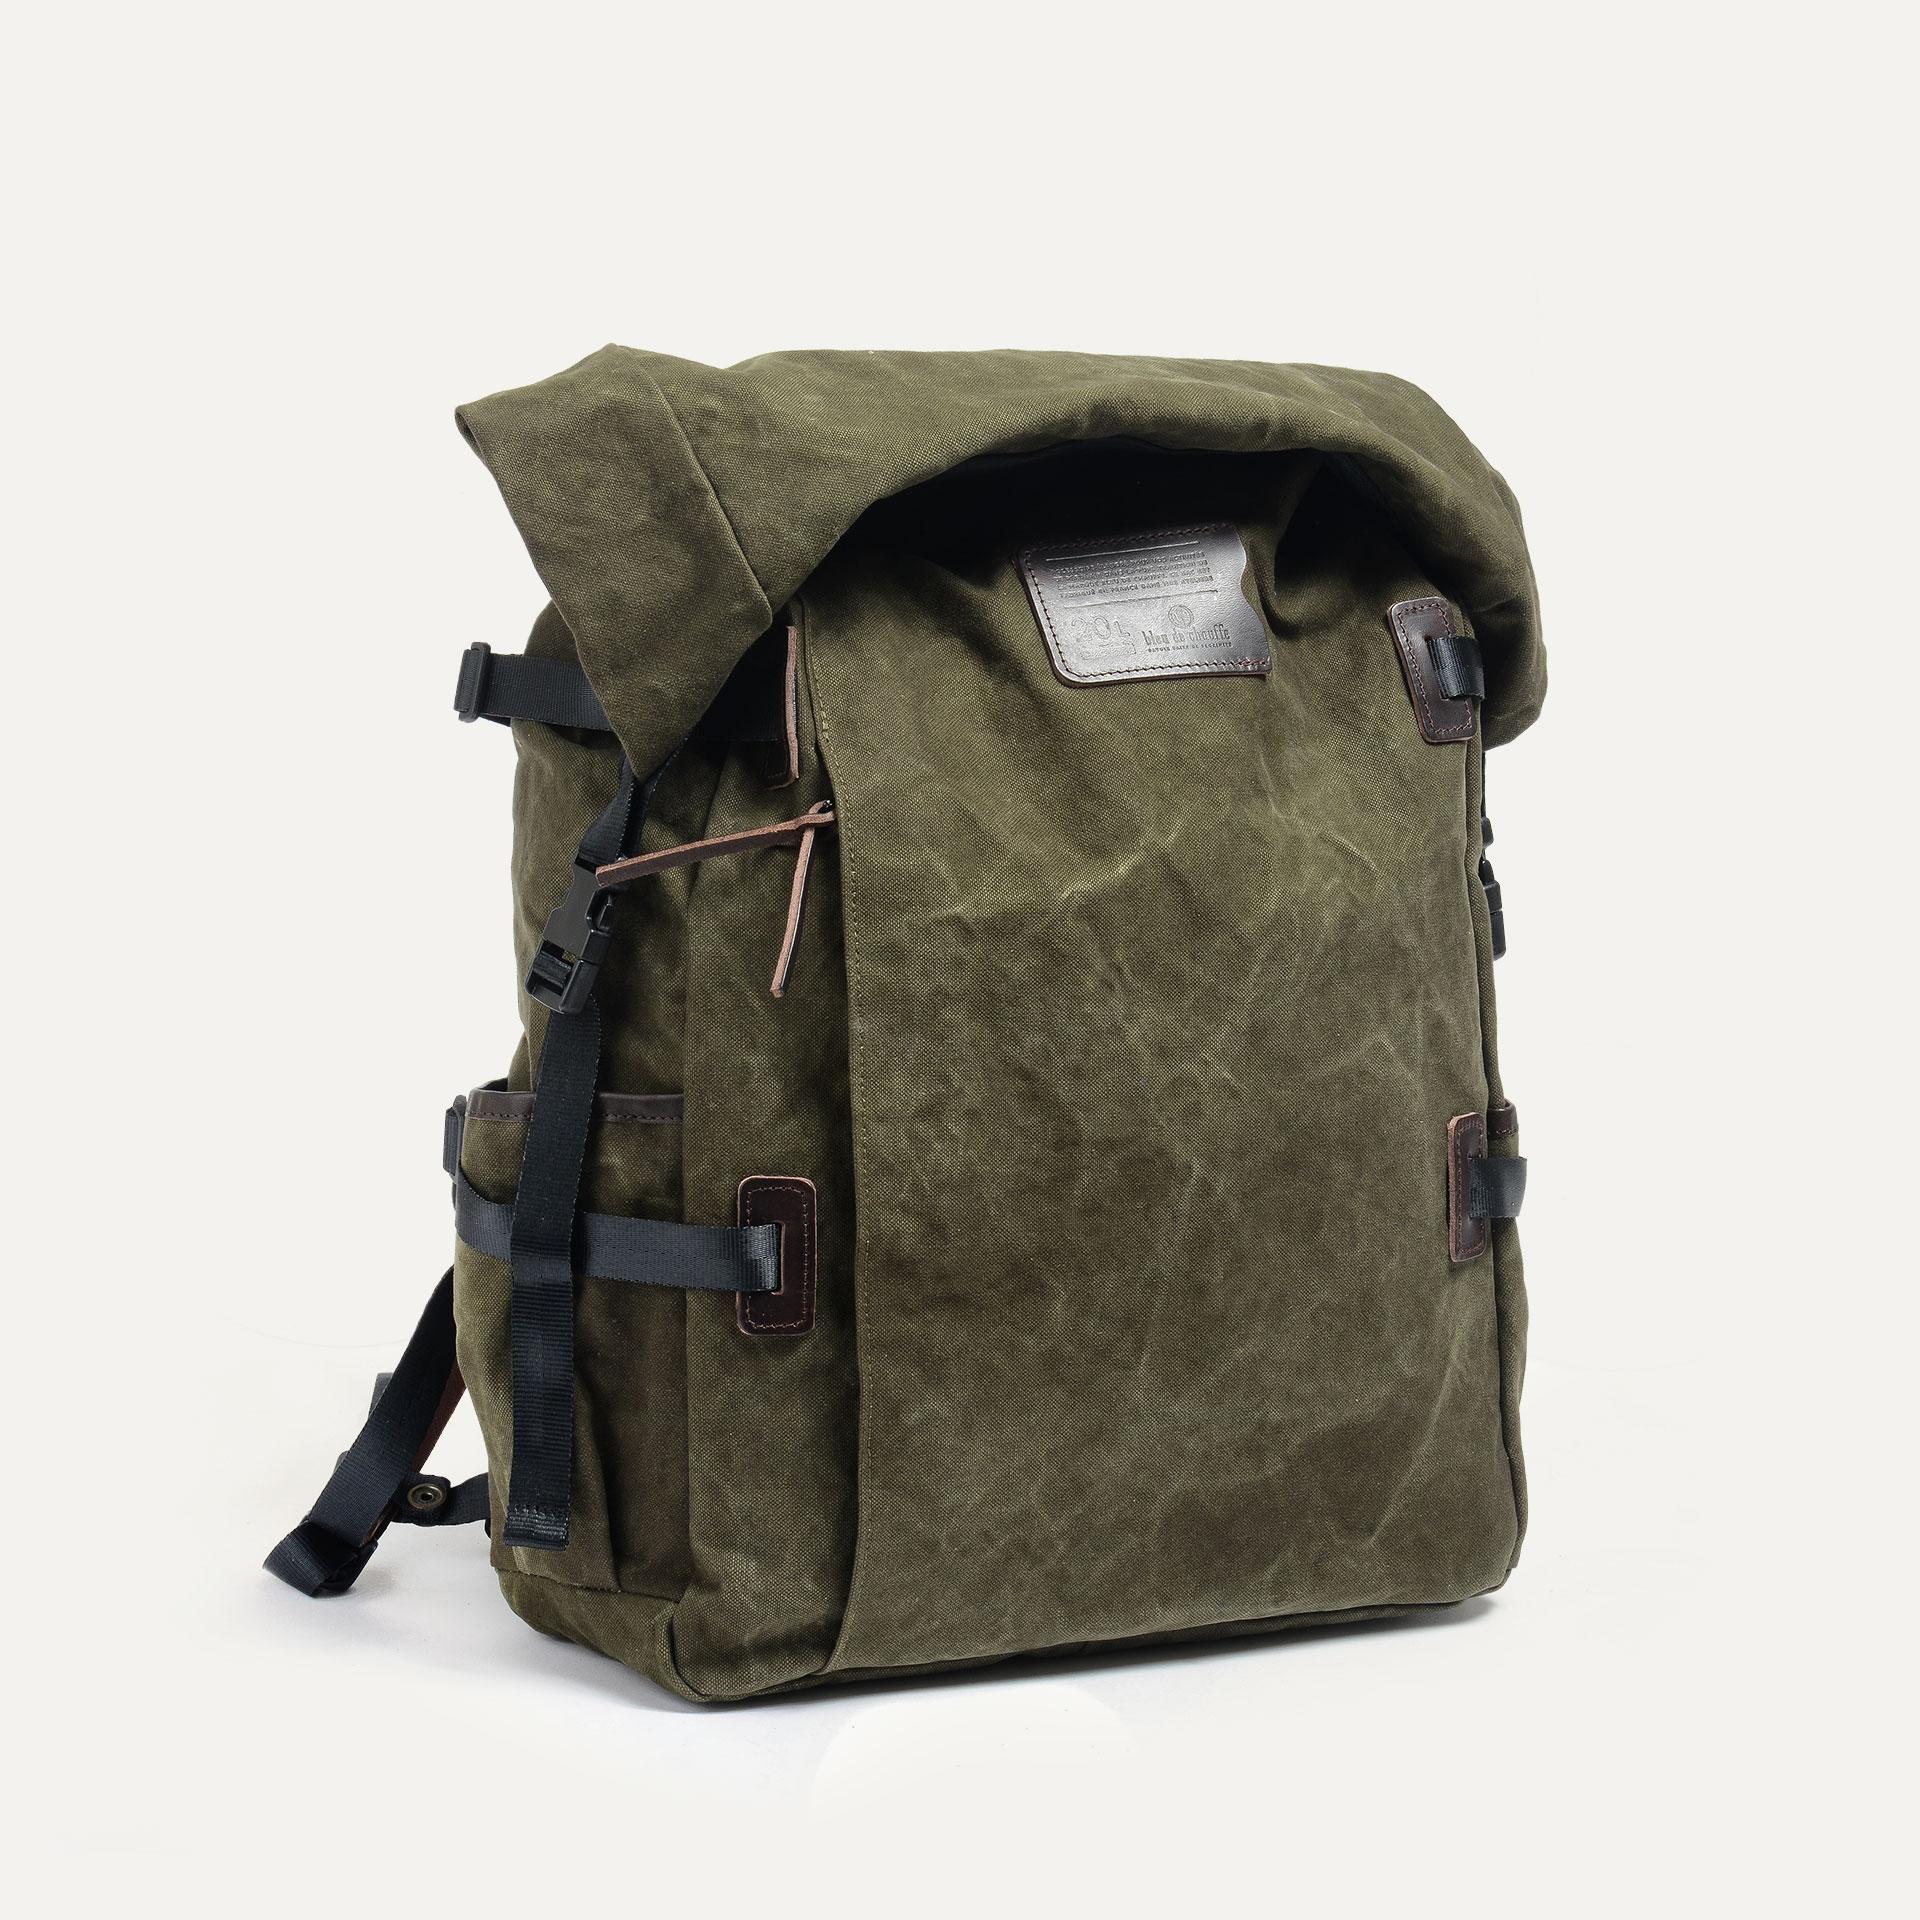 20L Basile Backpack - Dark khaki stonewashed (image n°2)